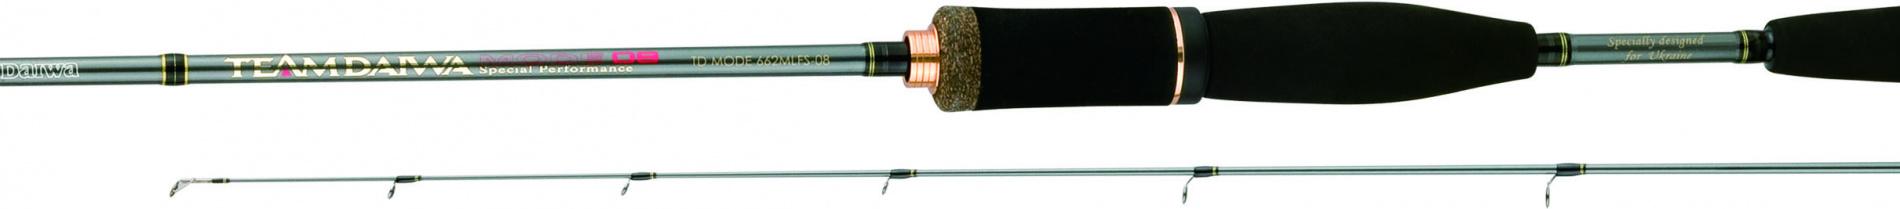 Спиннинг штек. DAIWA Team Daiwa Mode TDM E 662 MFB OH 1,98м Спинниги<br>» Обновленная серия удилищ TD-MODE » Бланки <br>из высококачественного графита » Пропускные <br>кольца Fuji SiC » Оригинальный фиксатор для <br>крючка Fuji » Рукоятка из долговечного материала <br>EVA » Оригинальная двухкурковая рукоятка <br>Daiwa на кастинговых моделях<br>